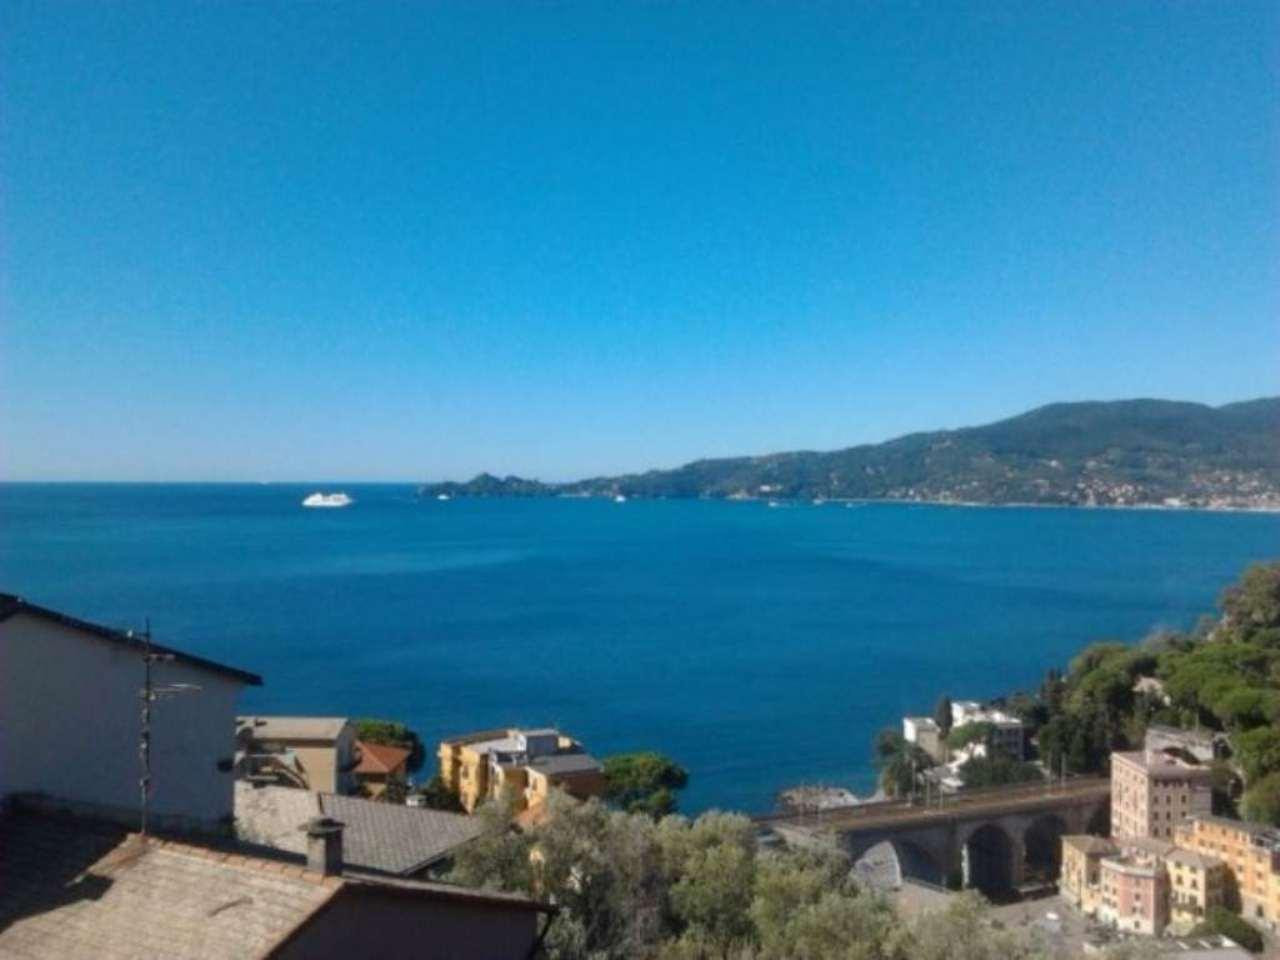 Attico / Mansarda in vendita a Zoagli, 3 locali, prezzo € 590.000 | Cambio Casa.it